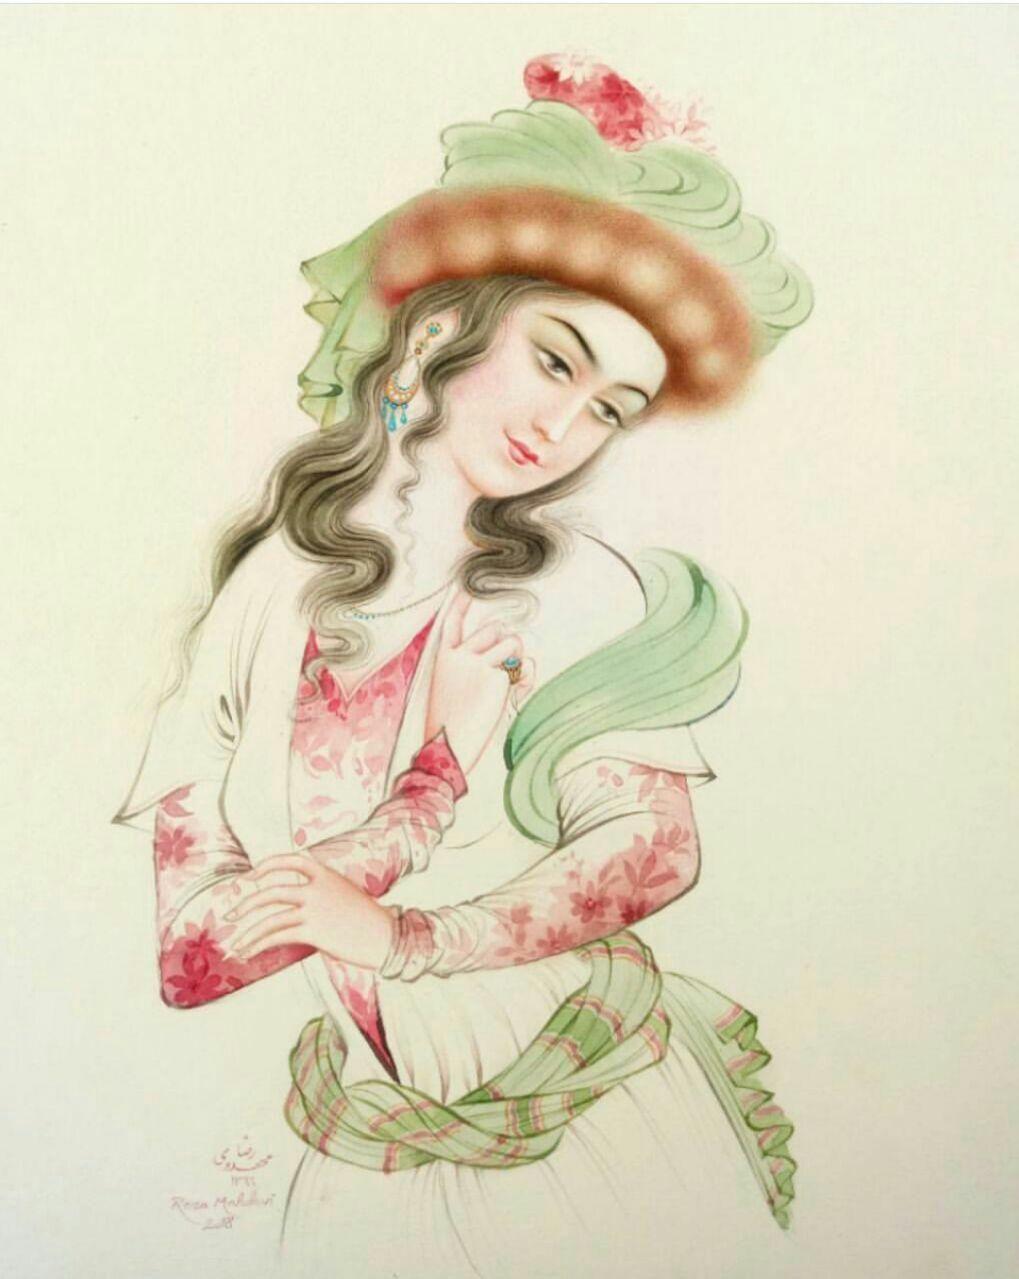 پوستر نقاشی استاد فرشچیان